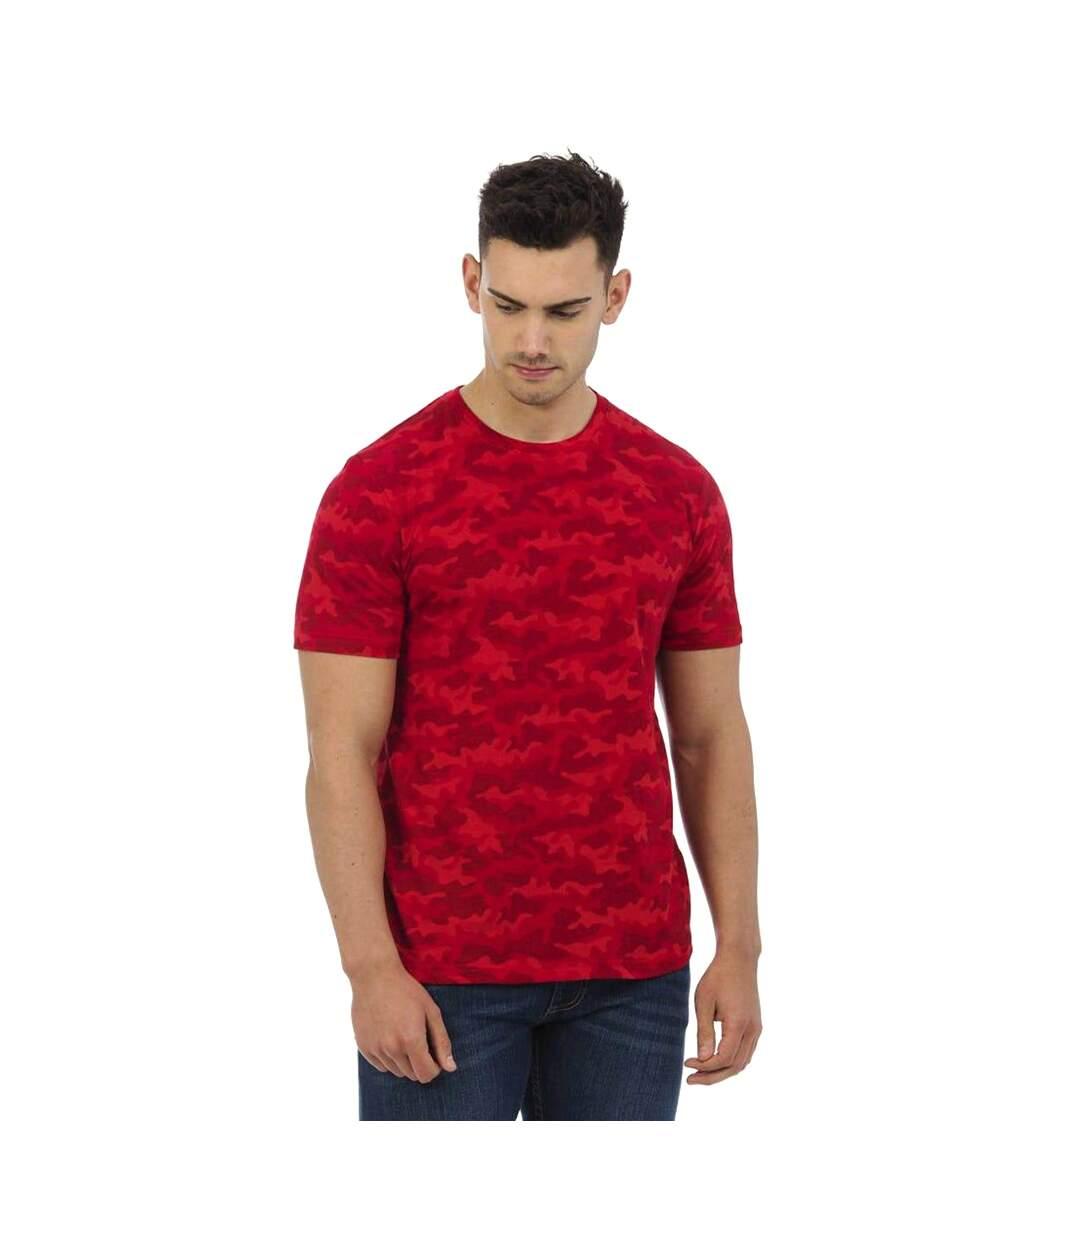 AWDis Mens Camouflage T-Shirt (Red Camo) - UTPC2978